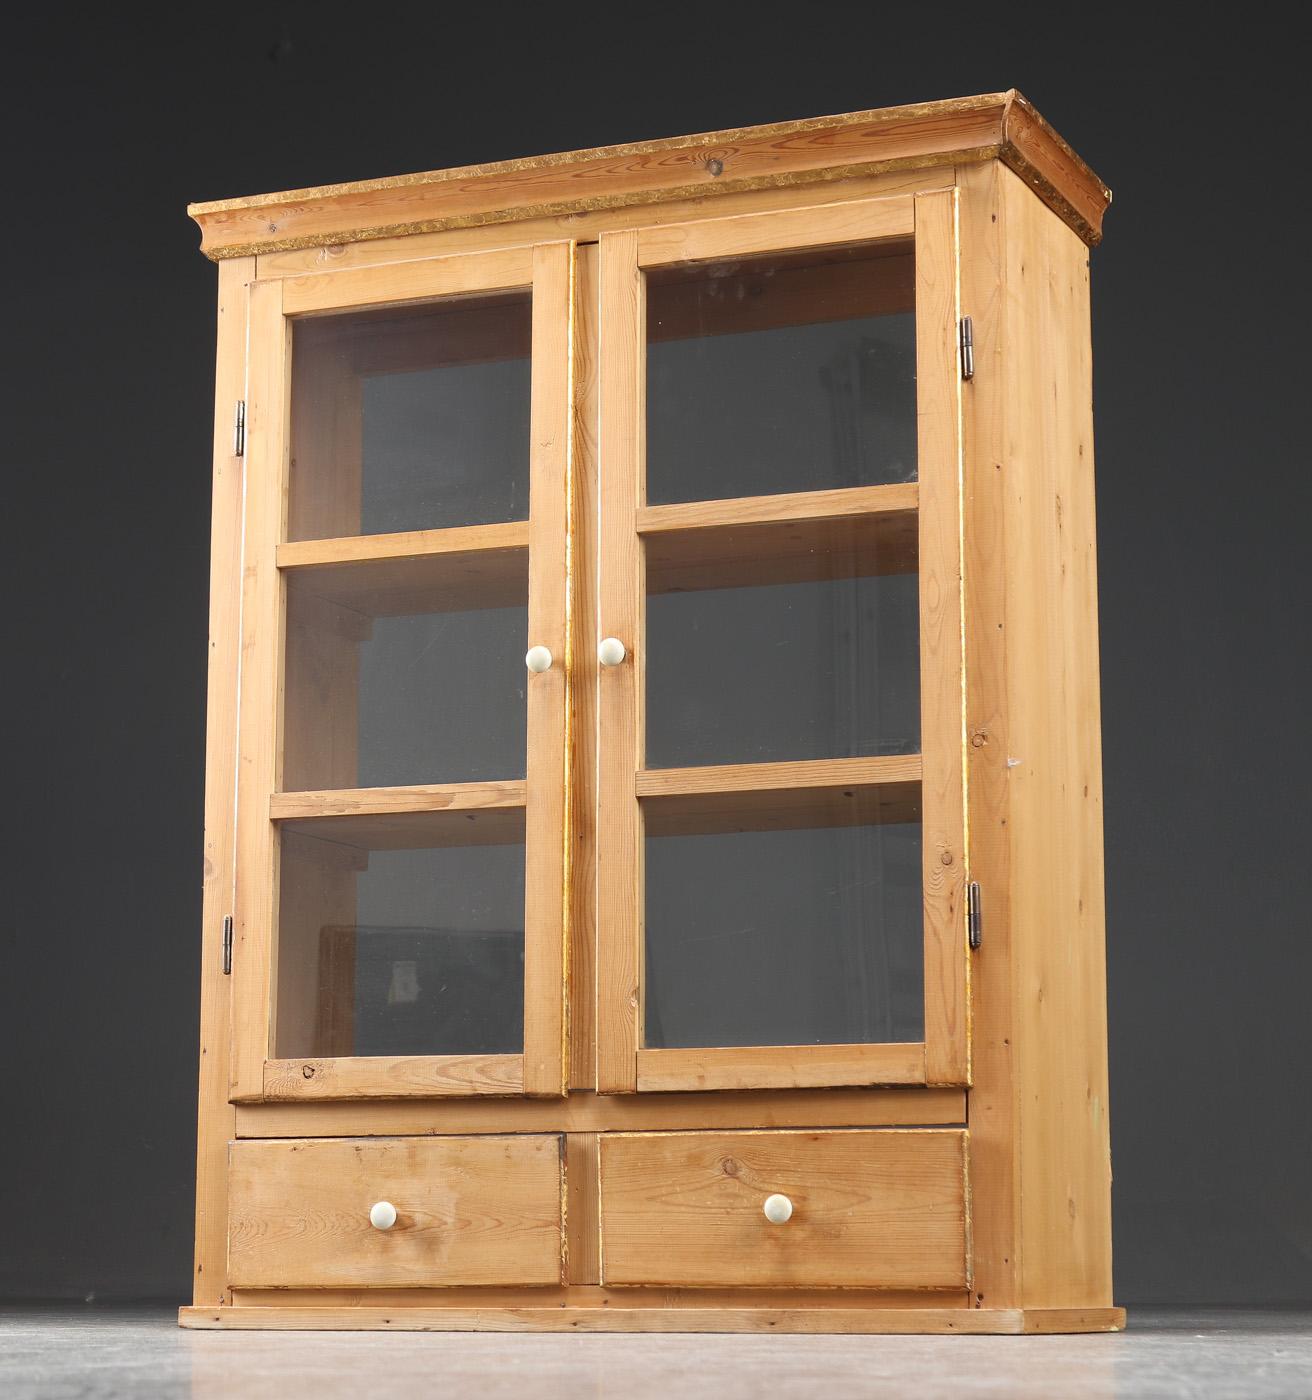 Køkkenskab af fyr, 1900-tallets begyndelse - Køkkenskab af fyr med to vitrinedøre, forneden to skuffer, greb af porcelæn, 1900-tallets begyndelse. H. 115 B. 90 D. 32 cm. Brugsspor; ridser og skrammer